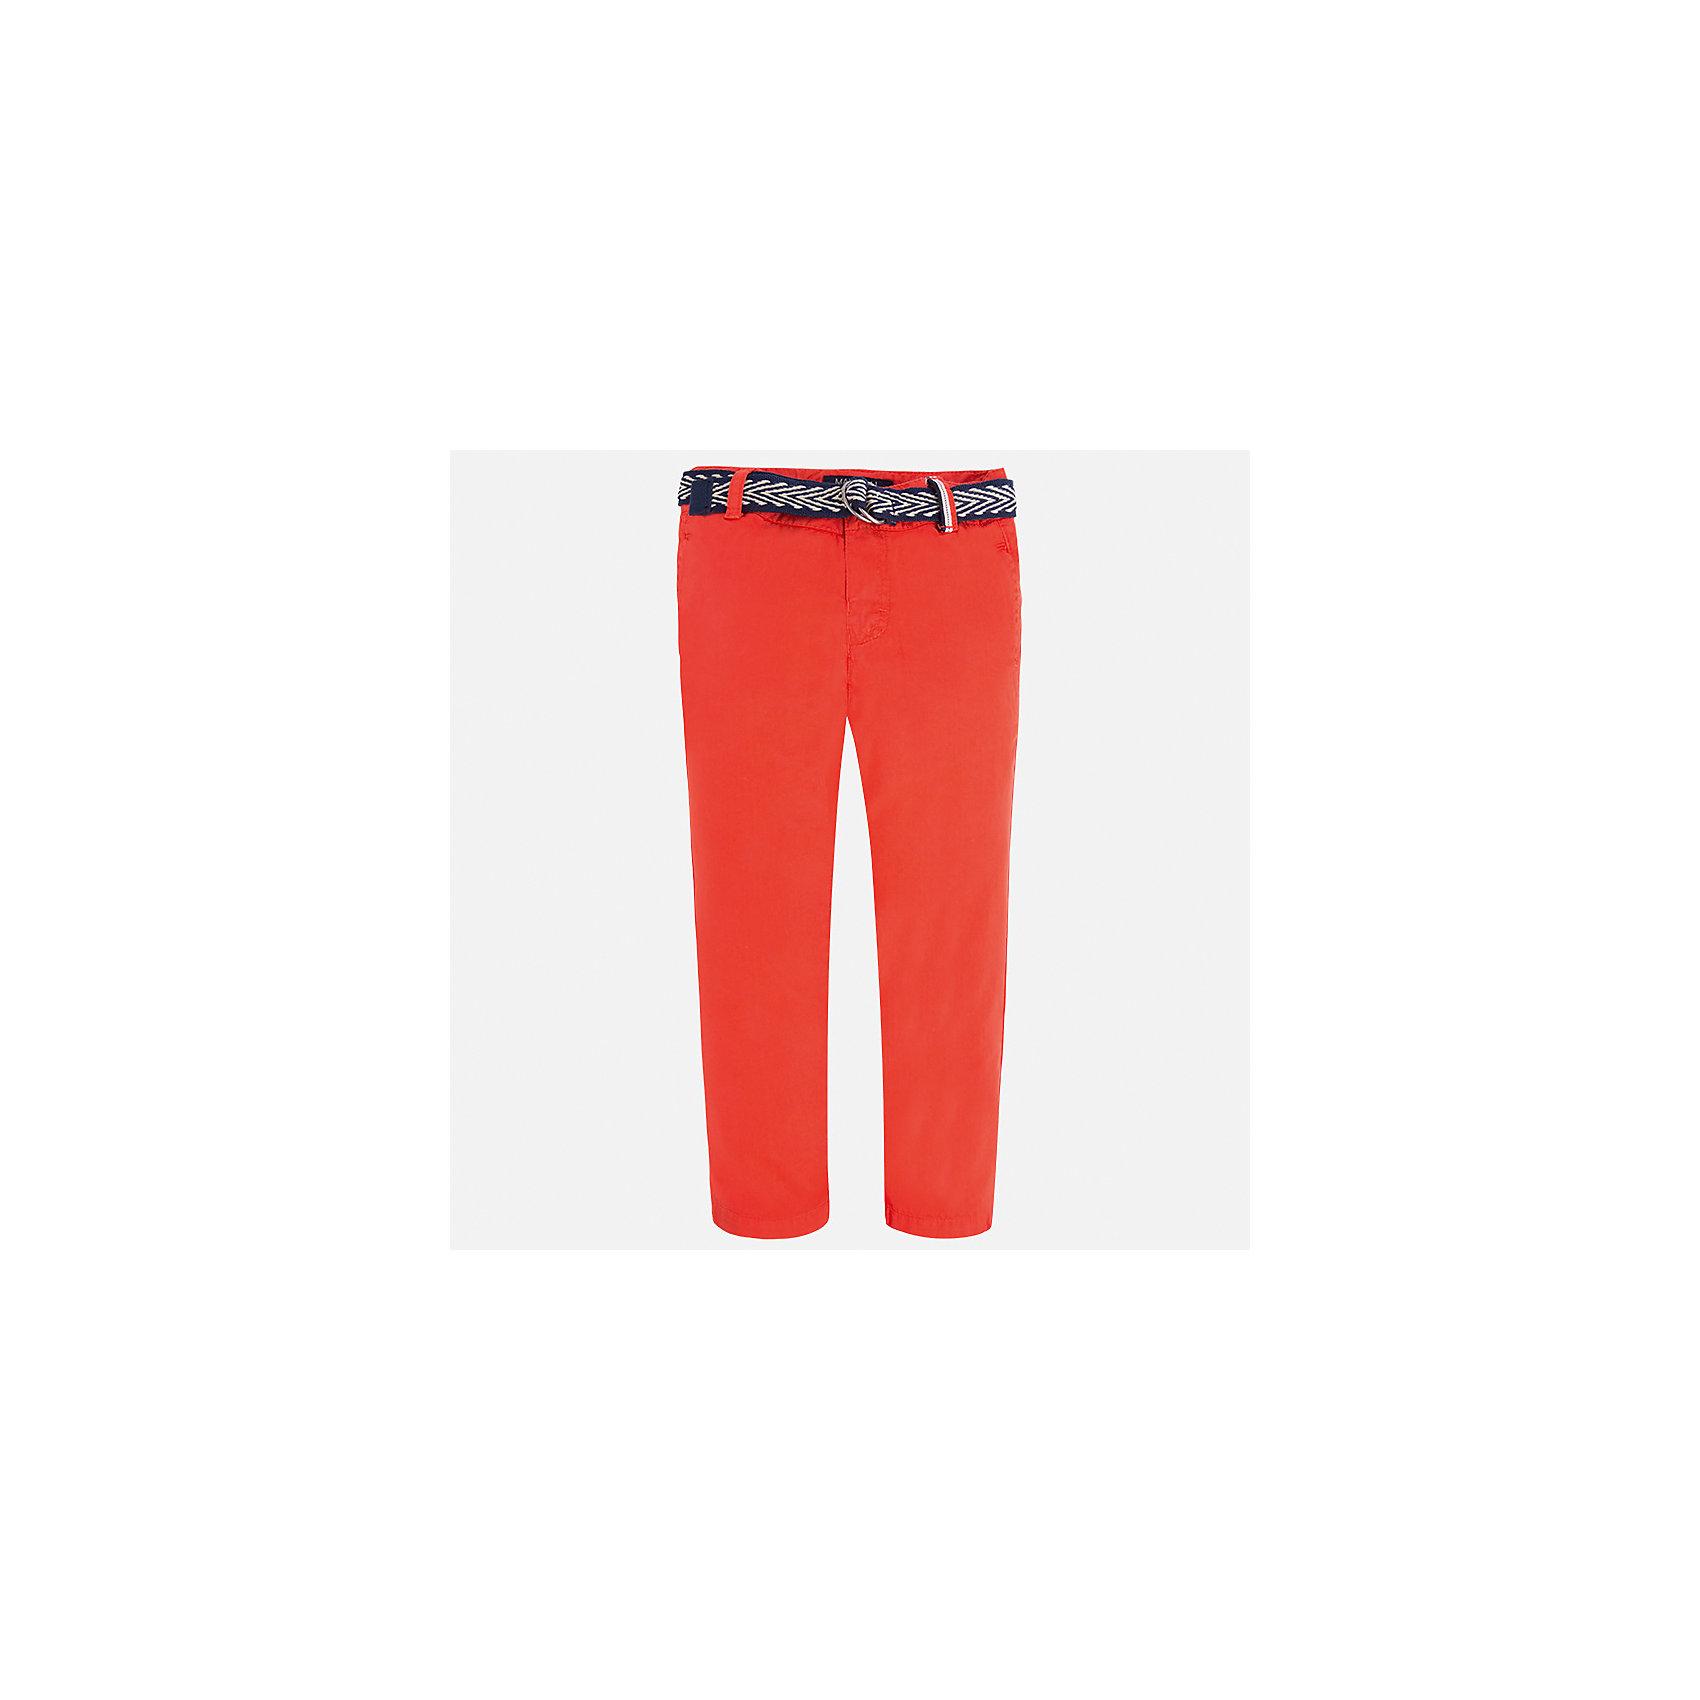 Брюки для мальчика MayoralБрюки<br>Характеристики товара:<br><br>• цвет: красный<br>• состав: 100% хлопок<br>• пуговицы на карманах <br>• шлевки<br>• карманы<br>• пояс с регулировкой объема<br>• классический силуэт<br>• страна бренда: Испания<br><br>Модные брюки для мальчика смогут стать базовой вещью в гардеробе ребенка. Они отлично сочетаются с майками, футболками, рубашками и т.д. Универсальный крой и цвет позволяет подобрать к вещи верх разных расцветок. Практичное и стильное изделие! В составе материала - только натуральный хлопок, гипоаллергенный, приятный на ощупь, дышащий.<br><br>Одежда, обувь и аксессуары от испанского бренда Mayoral полюбились детям и взрослым по всему миру. Модели этой марки - стильные и удобные. Для их производства используются только безопасные, качественные материалы и фурнитура. Порадуйте ребенка модными и красивыми вещами от Mayoral! <br><br>Брюки для мальчика от испанского бренда Mayoral (Майорал) можно купить в нашем интернет-магазине.<br><br>Ширина мм: 215<br>Глубина мм: 88<br>Высота мм: 191<br>Вес г: 336<br>Цвет: красный<br>Возраст от месяцев: 36<br>Возраст до месяцев: 48<br>Пол: Мужской<br>Возраст: Детский<br>Размер: 104,98,92,128,122,116,134,110<br>SKU: 5280837